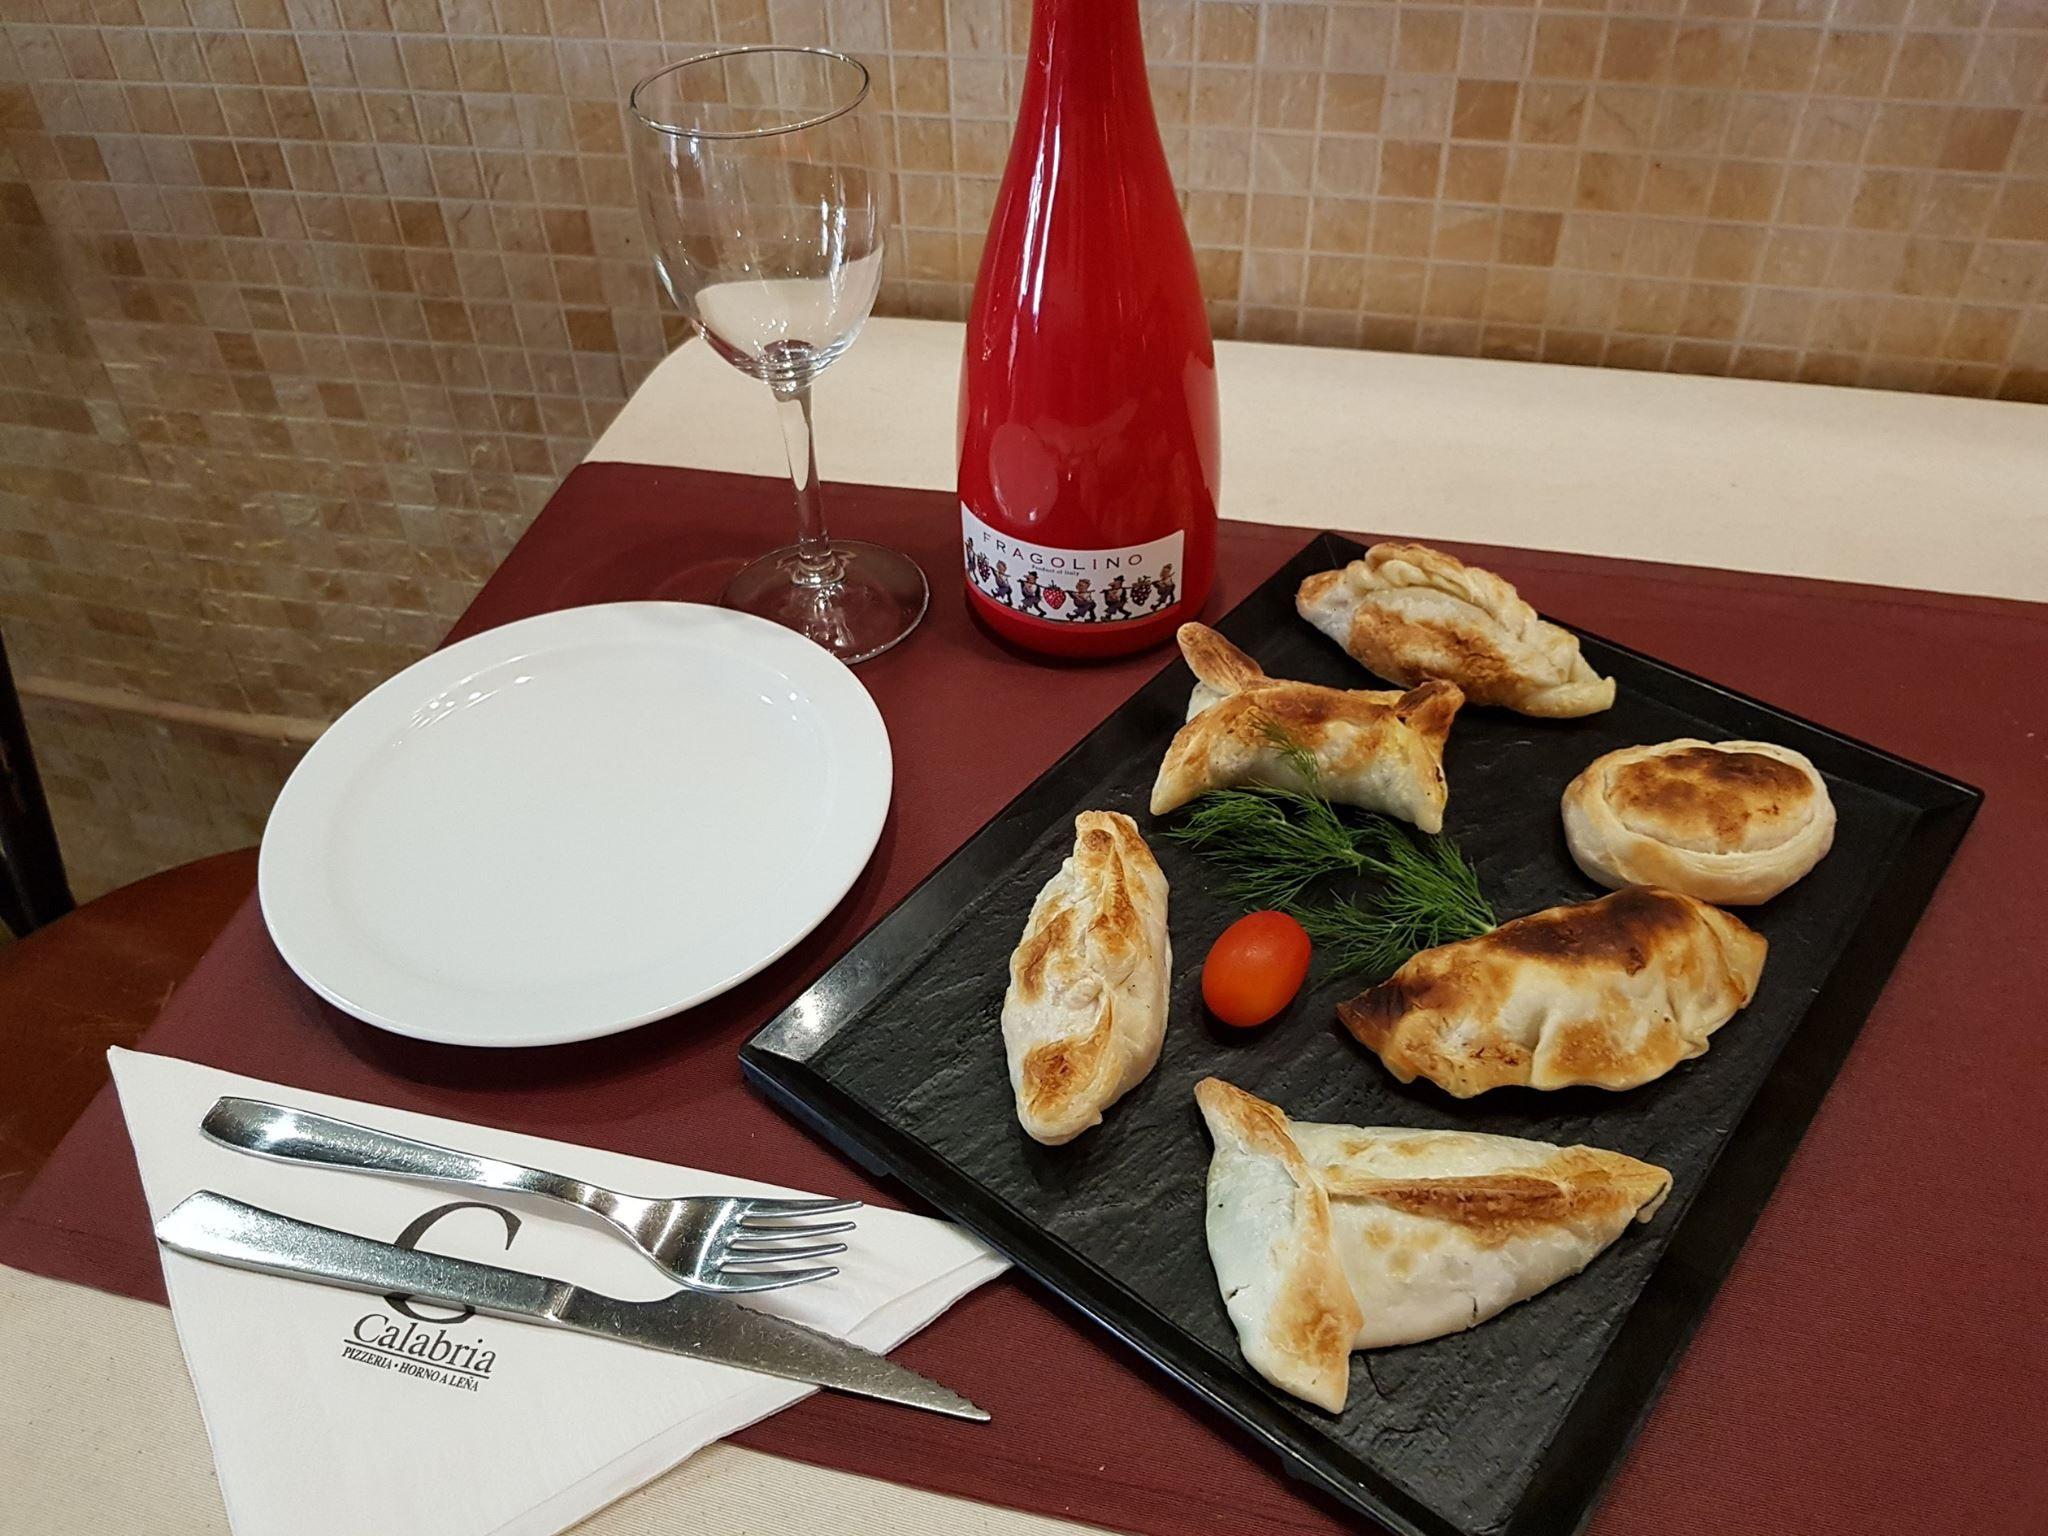 Ricas empanadas argentinas